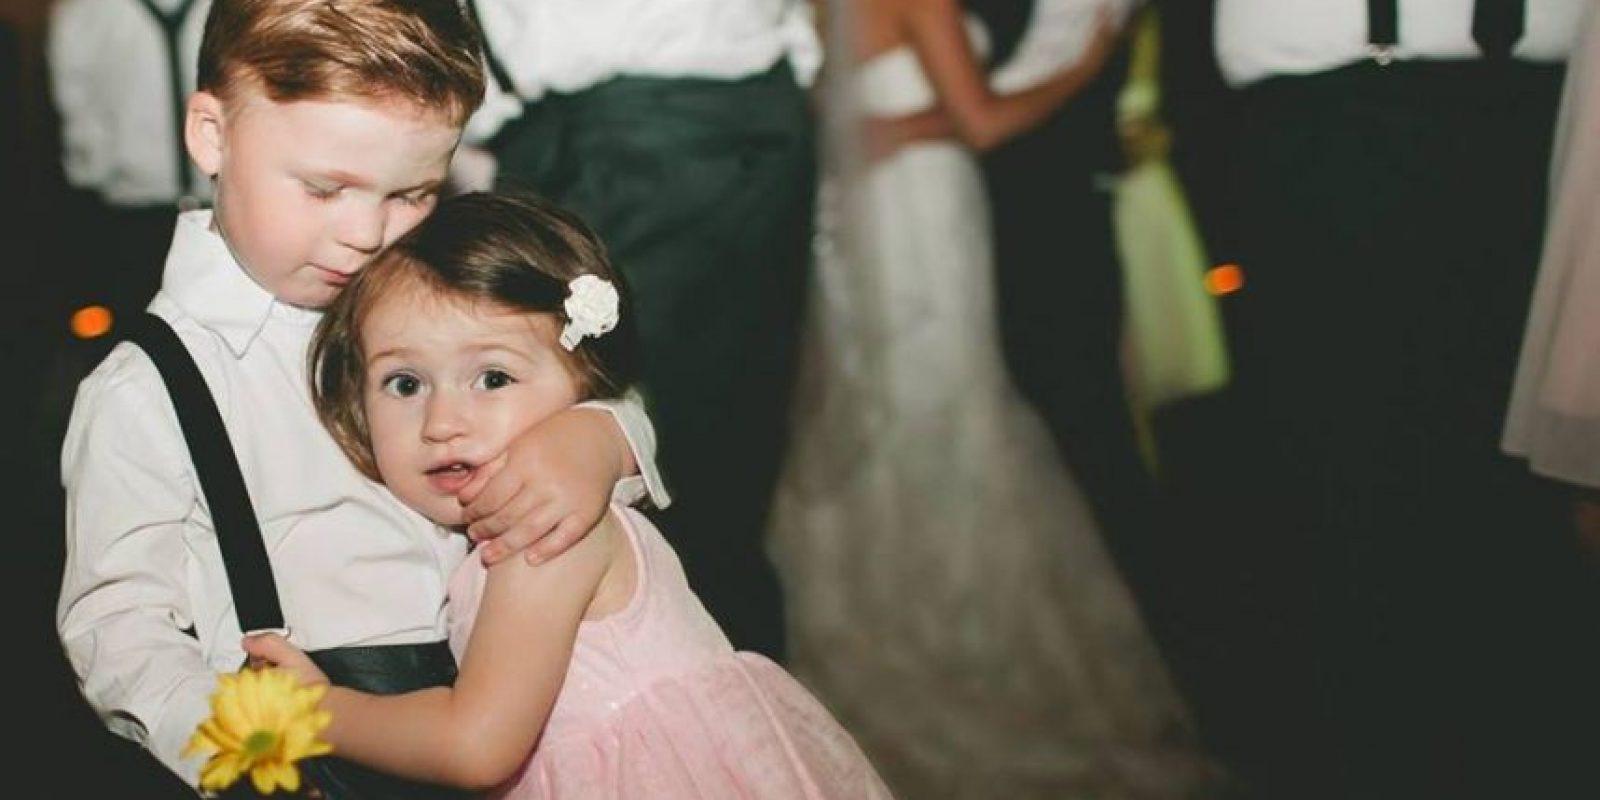 Tiene una hermana pequeña con la que comparte momentos de diversión. Foto:Facebook/Kelly Feikert